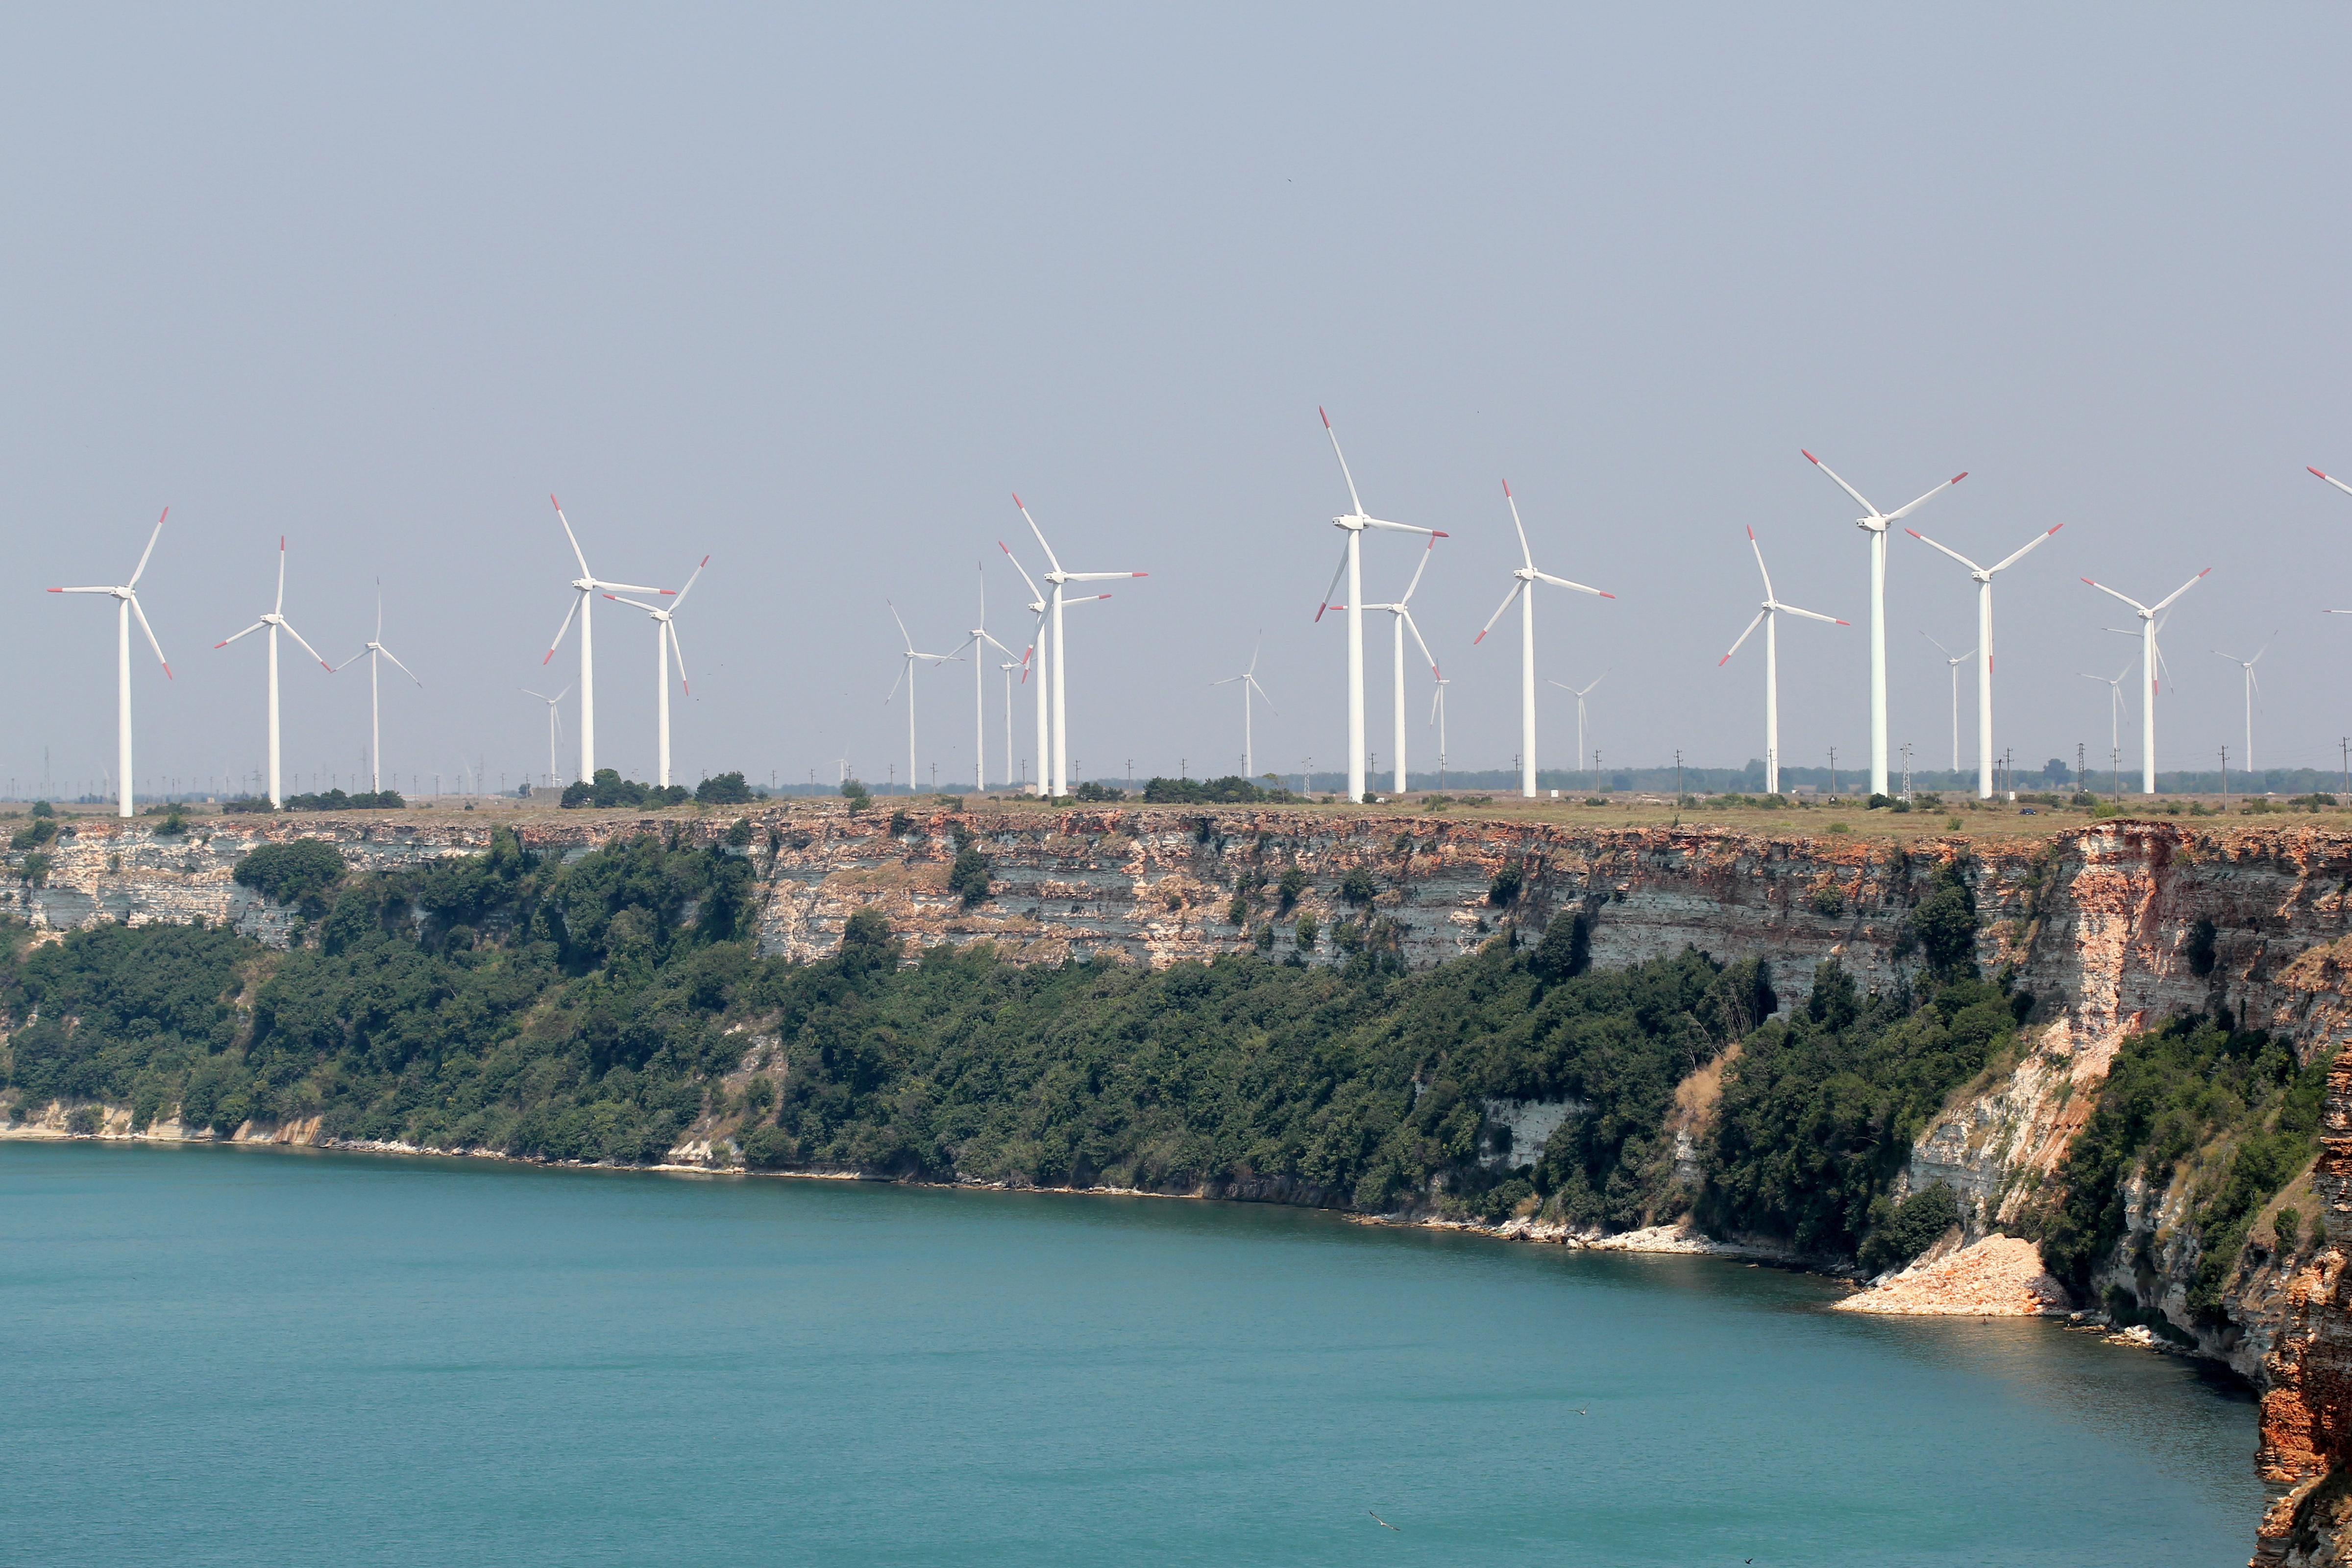 Дания планира изкуствен остров за офшорна вятърна енергия